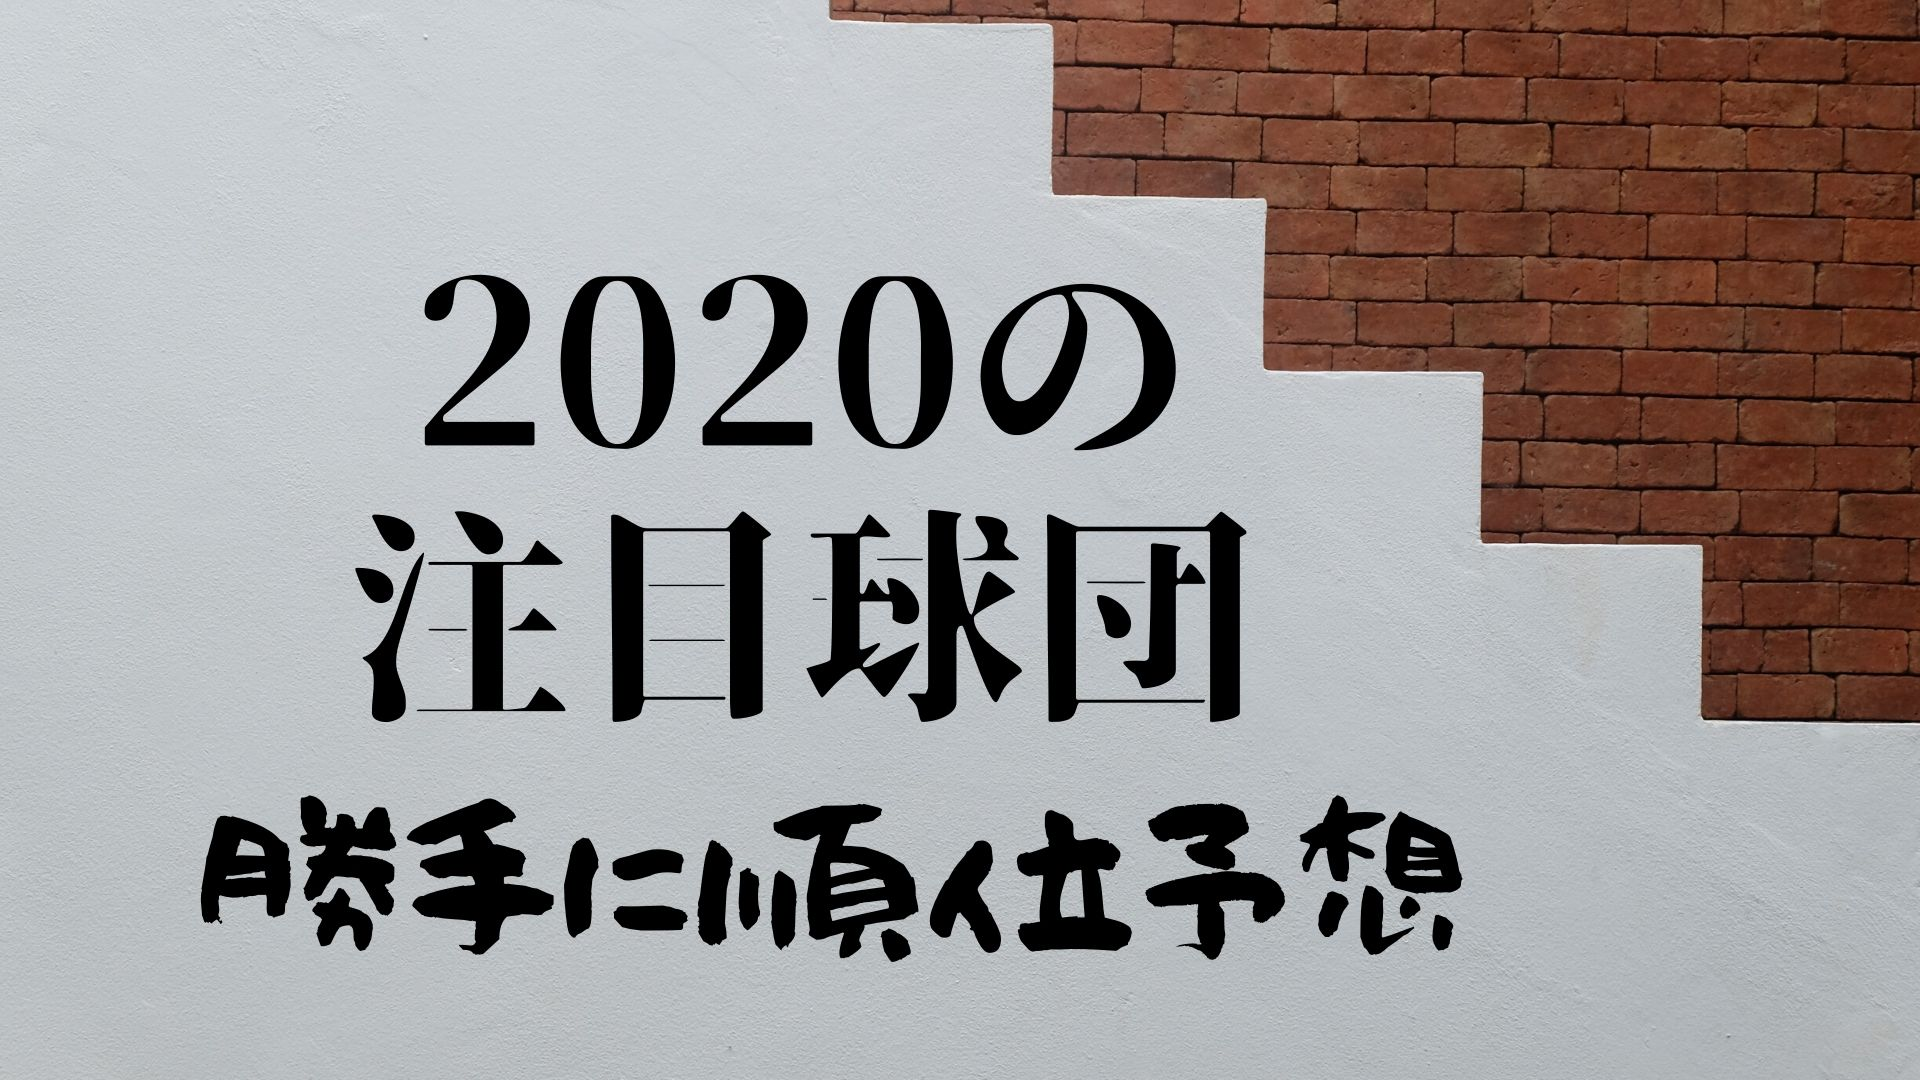 2020の注目球団